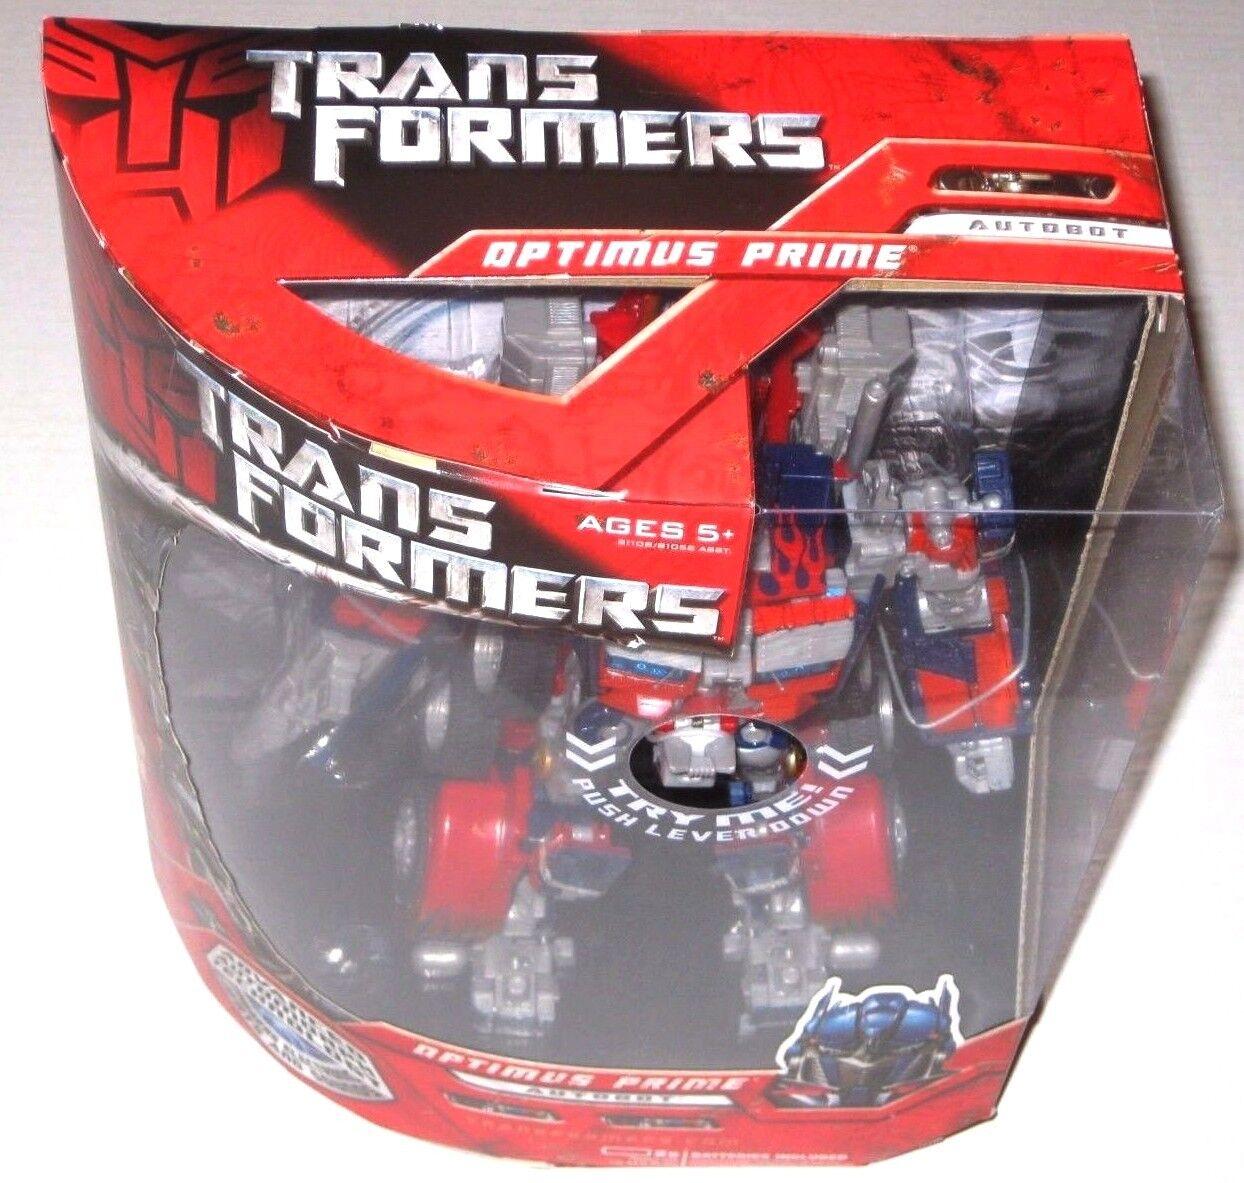 Leader Class Movie OPTIMUS MISB Transformers Premium series 2007 Revenge Fallen